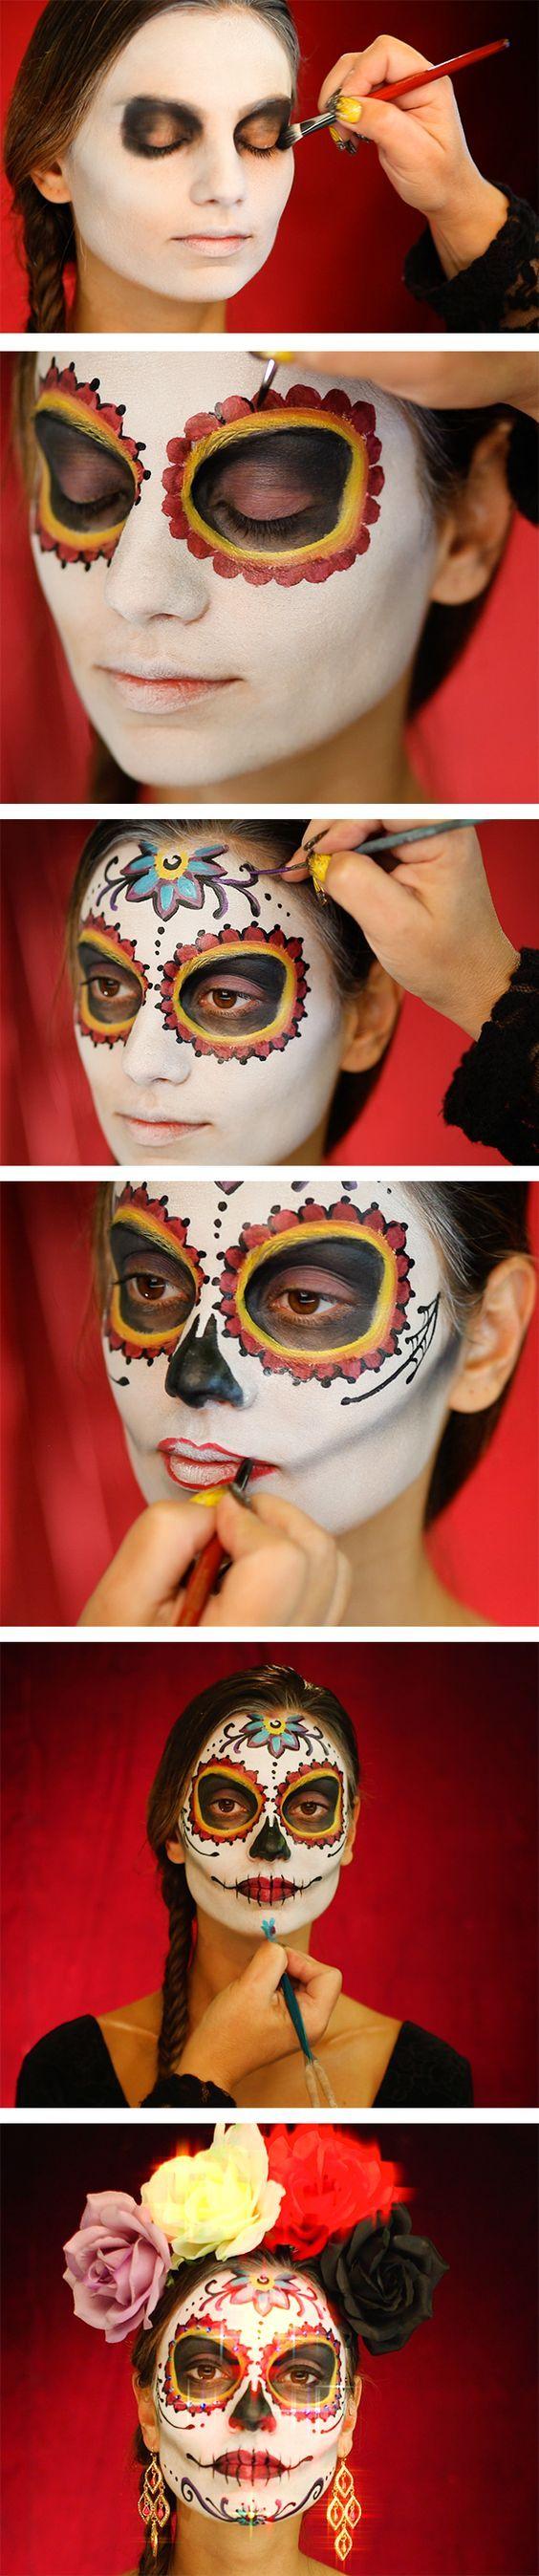 Haz tu propio #MaquillajeDeCatrina, aquí te enseñamos el #PasoaPaso para lograrlo.